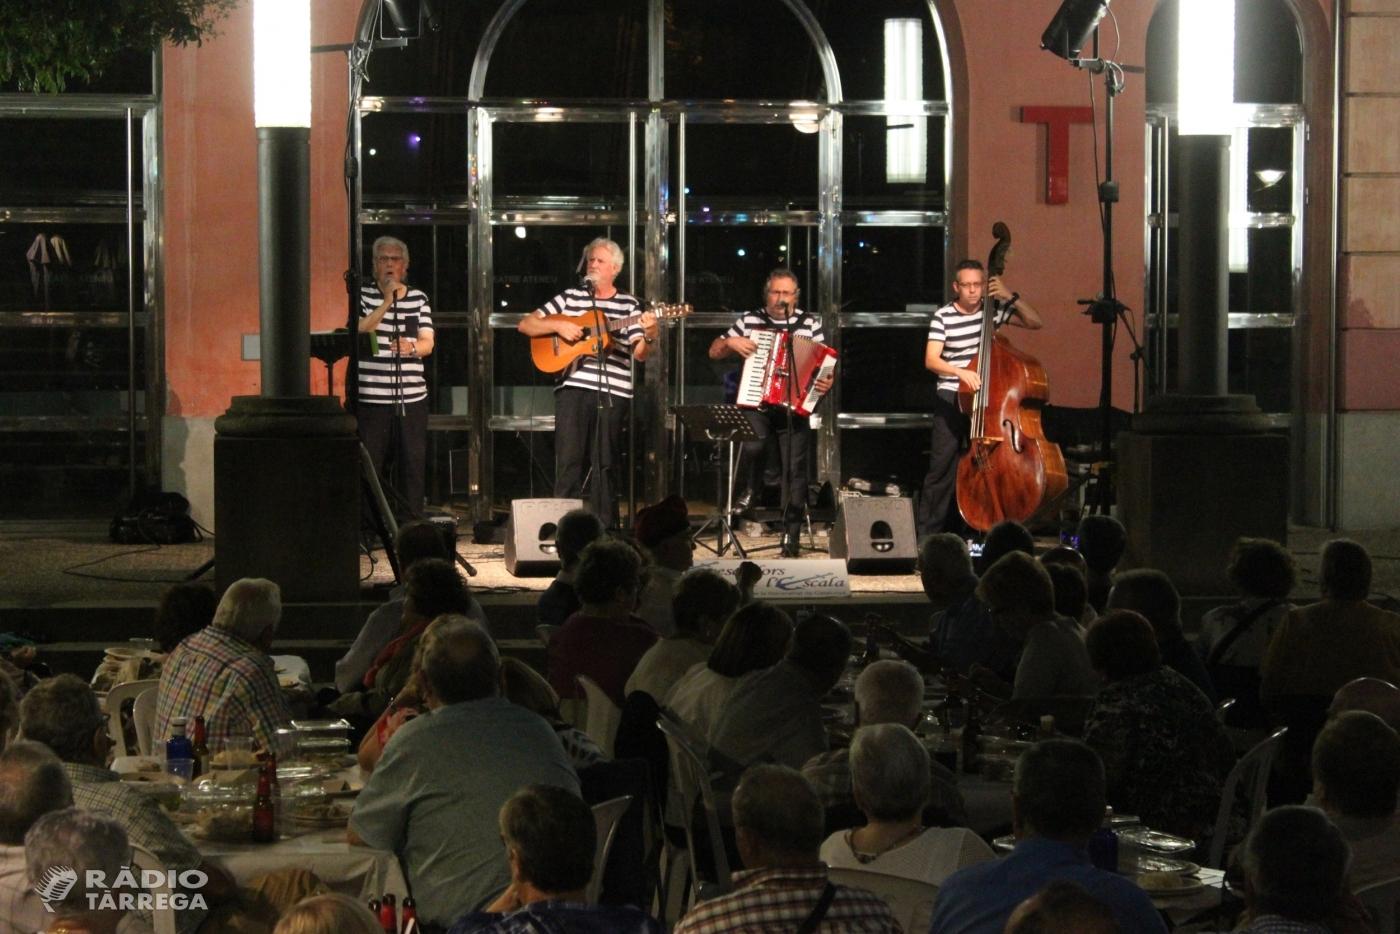 Molt de públic a la programació cultural d'estiu de Tàrrega, en què brillen els concerts del centenari de la Societat Ateneu